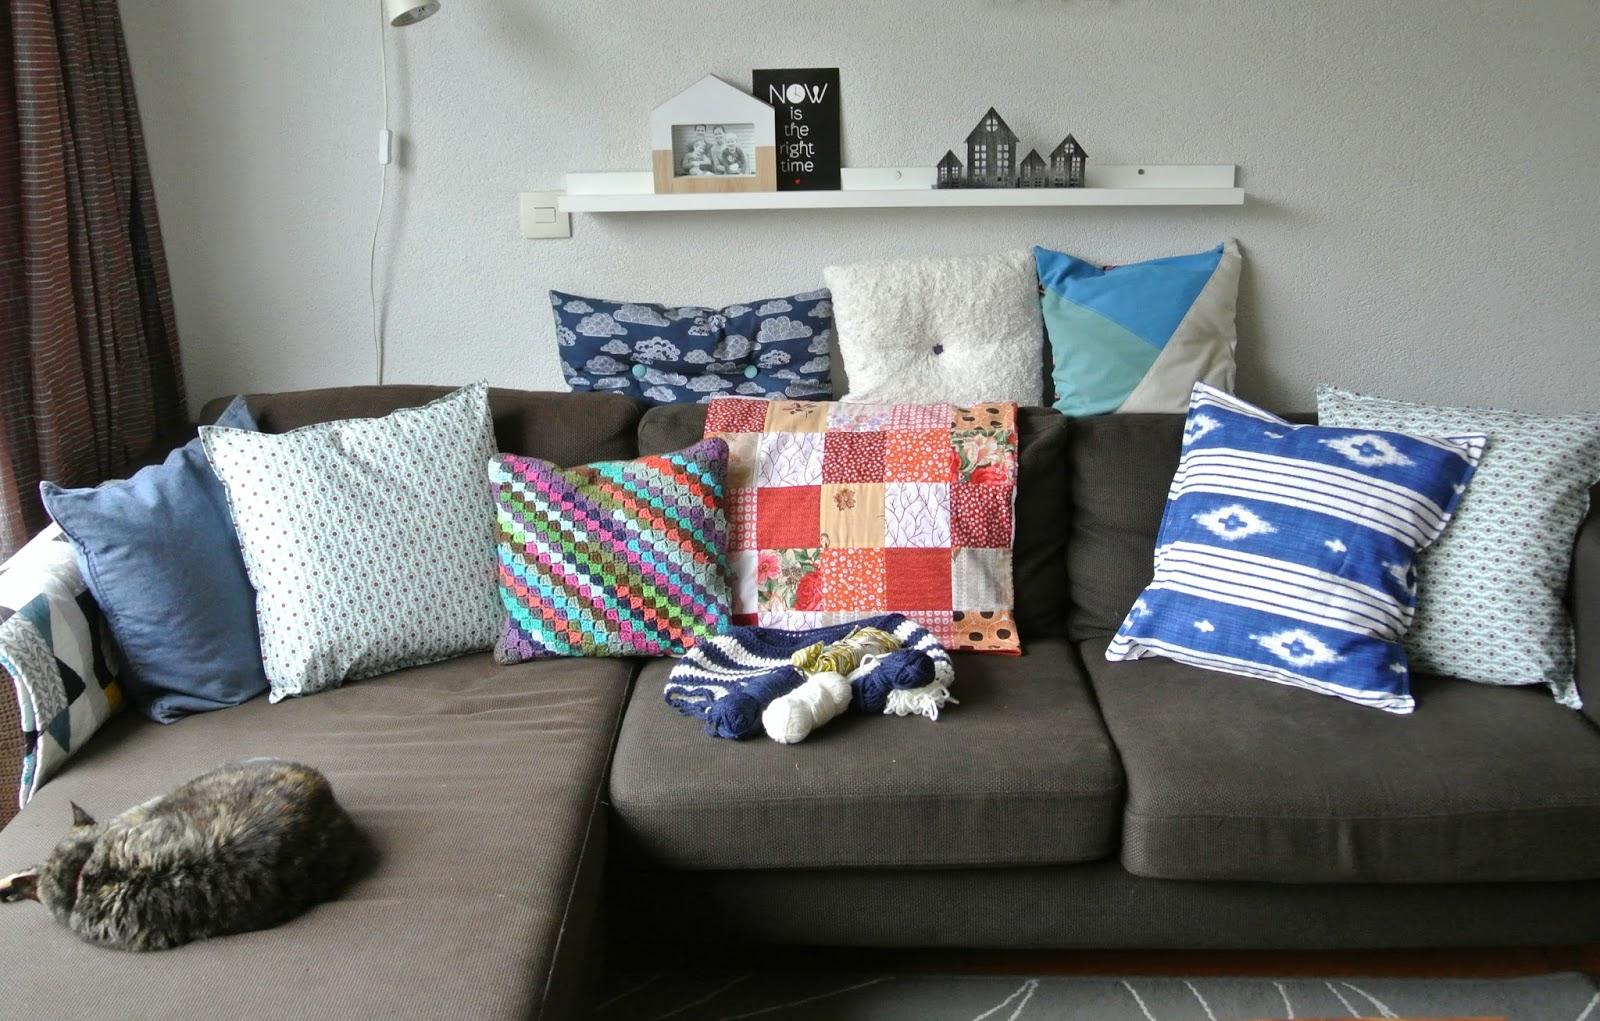 Stoffen Voor Kussens : By miekk: nieuwe kussens op de bank